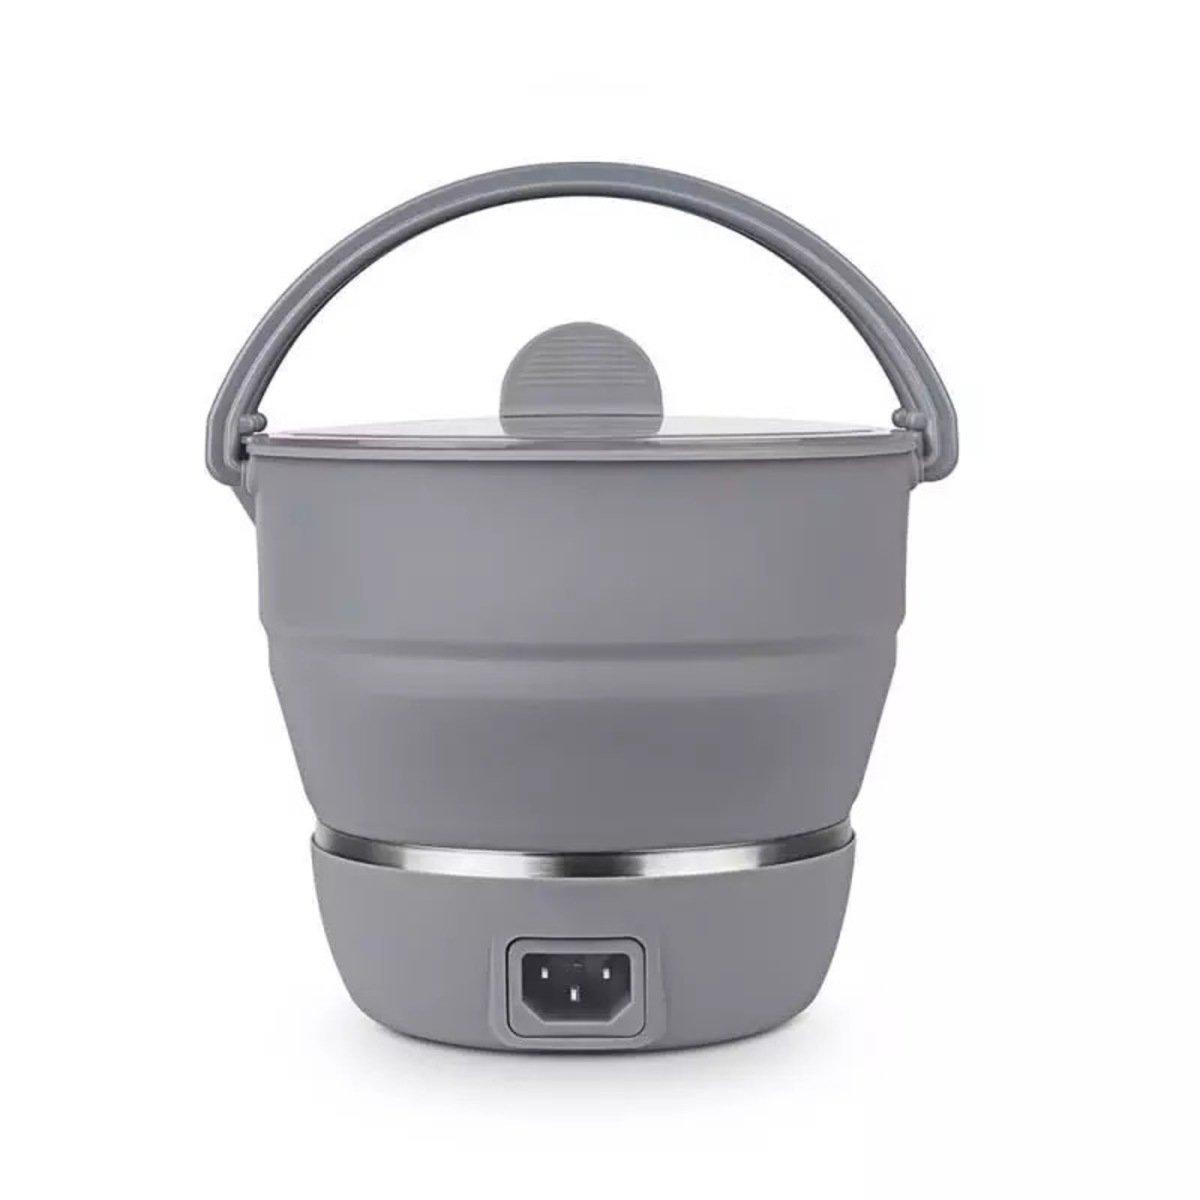 旅行摺疊多功能電煮鍋 灰色 防乾燒保護功能 瑞典品牌